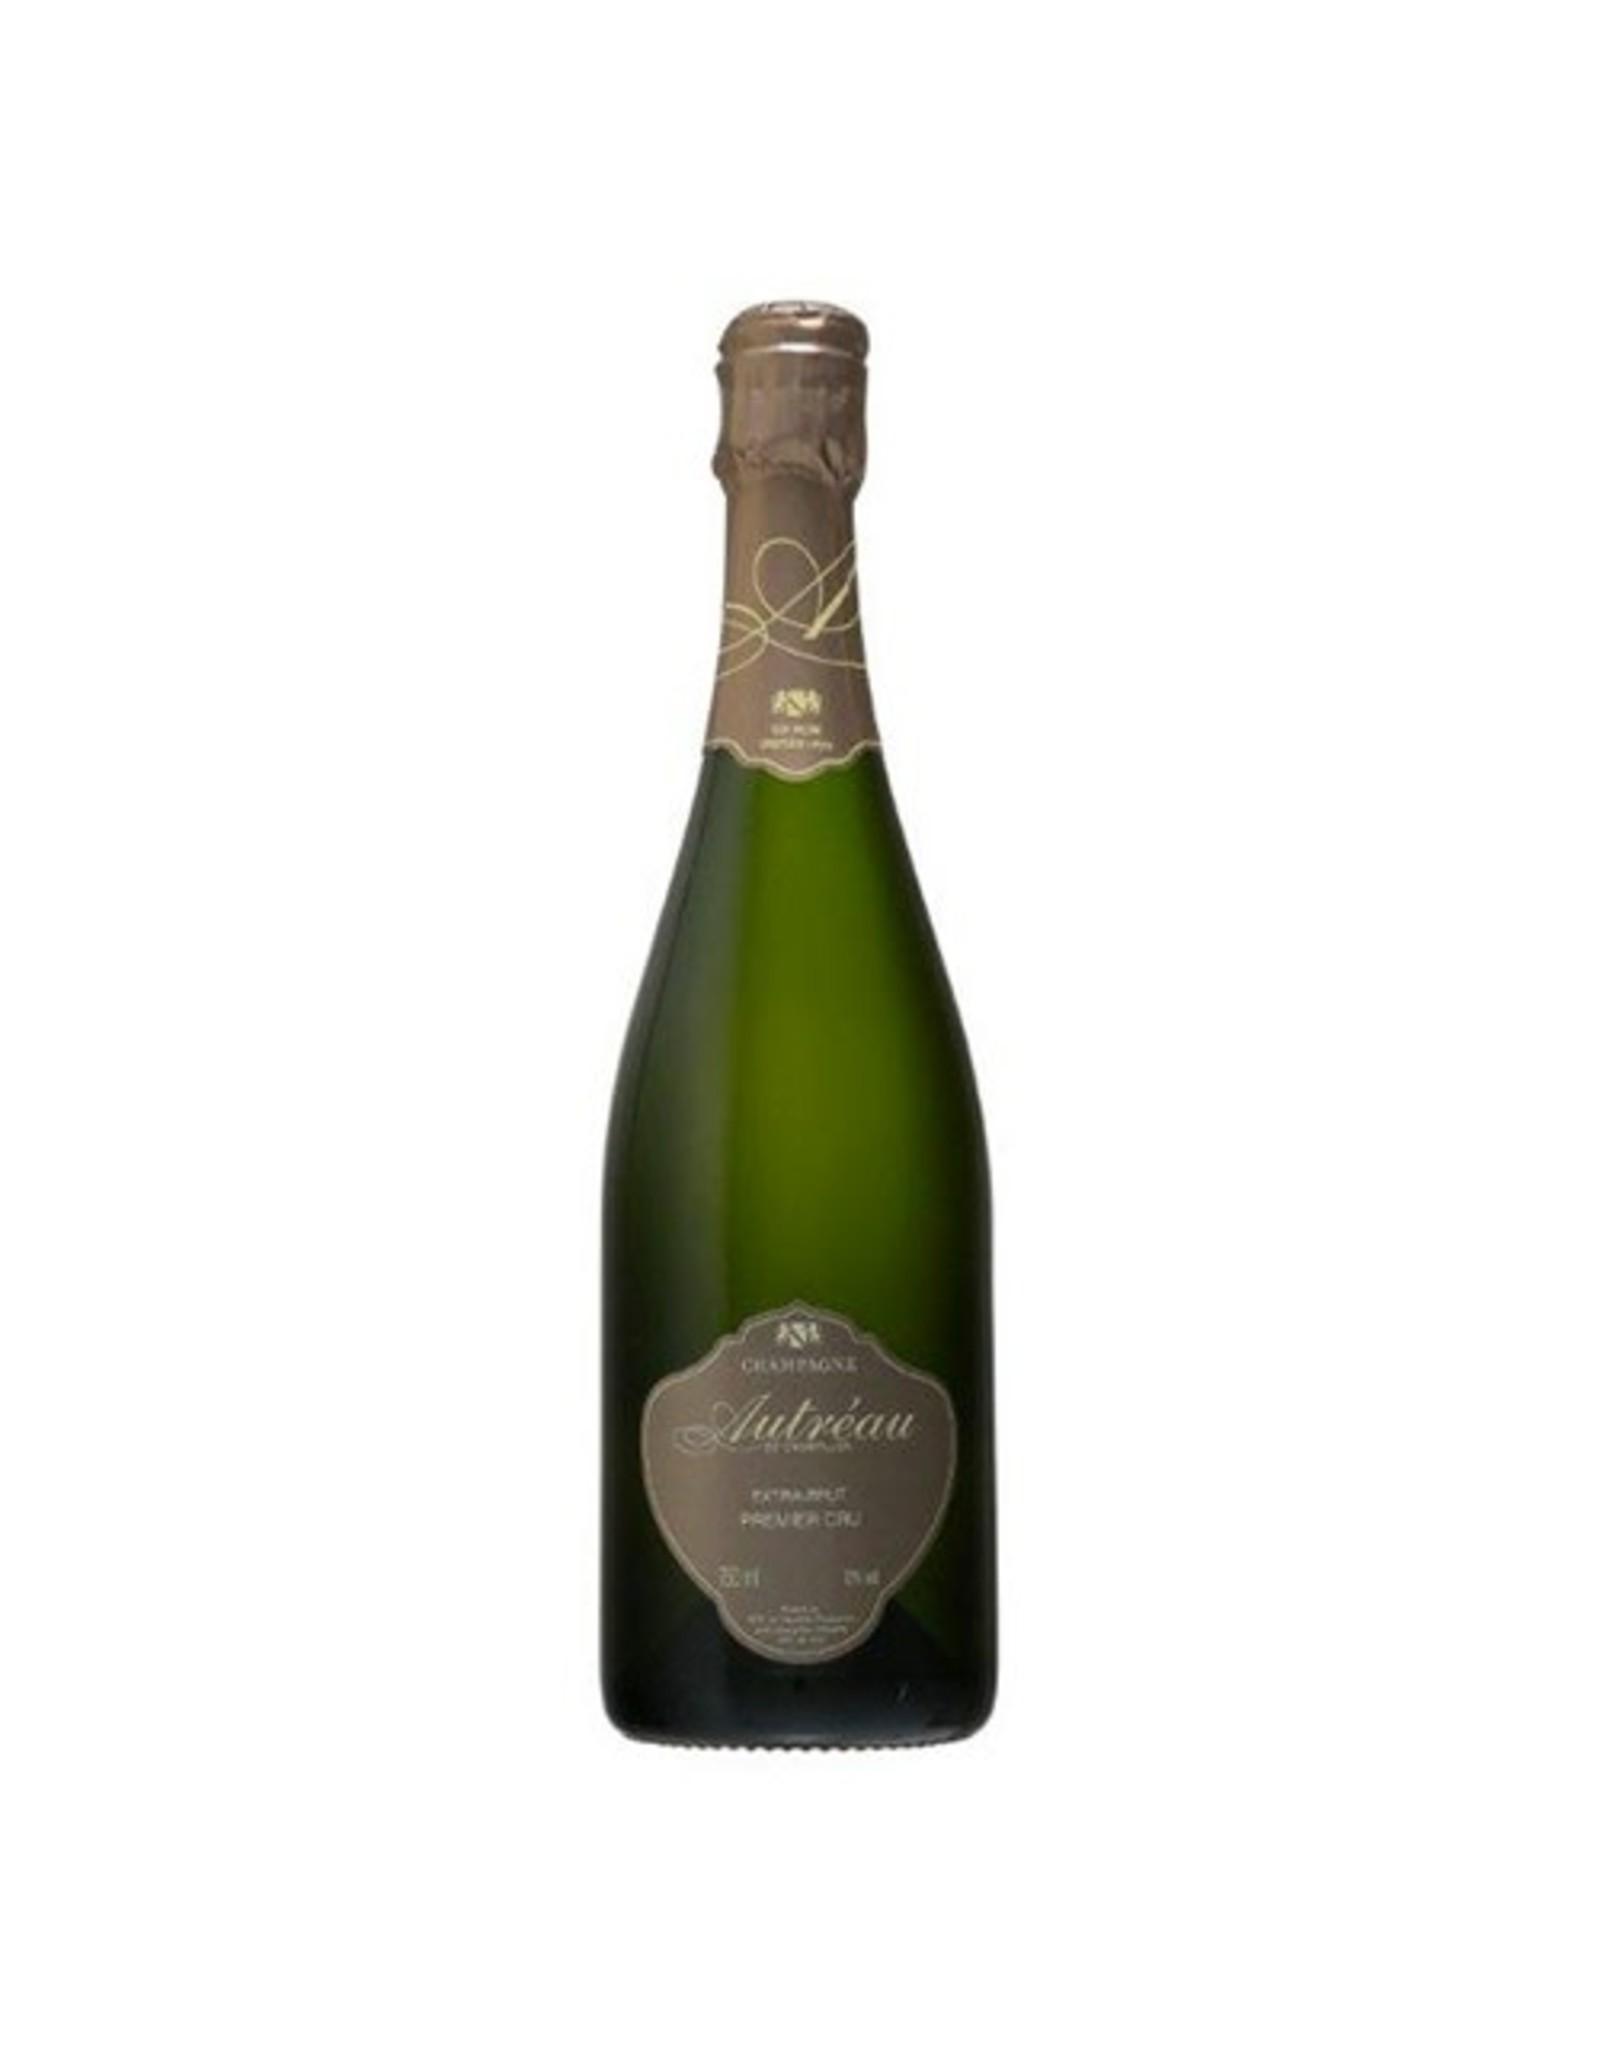 France Champagne Autréau Premier Cru Extra- Brut